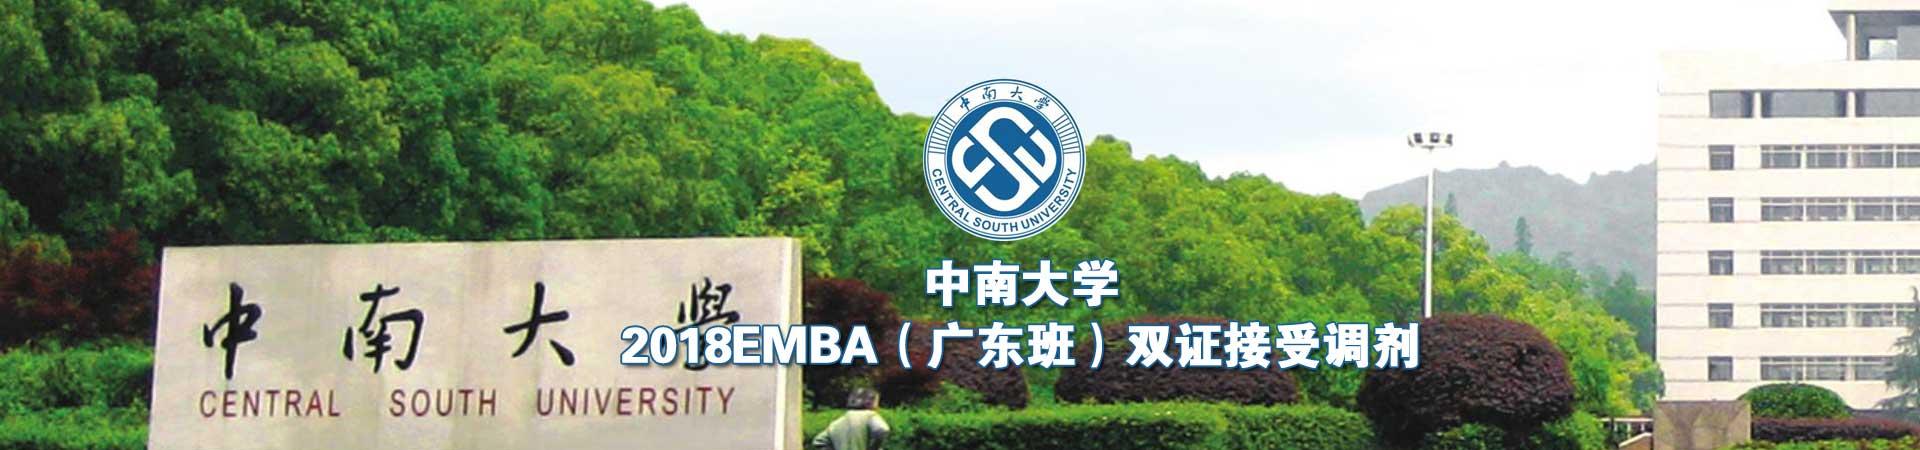 中南大学2018EMBA(广东班)双证接受调剂